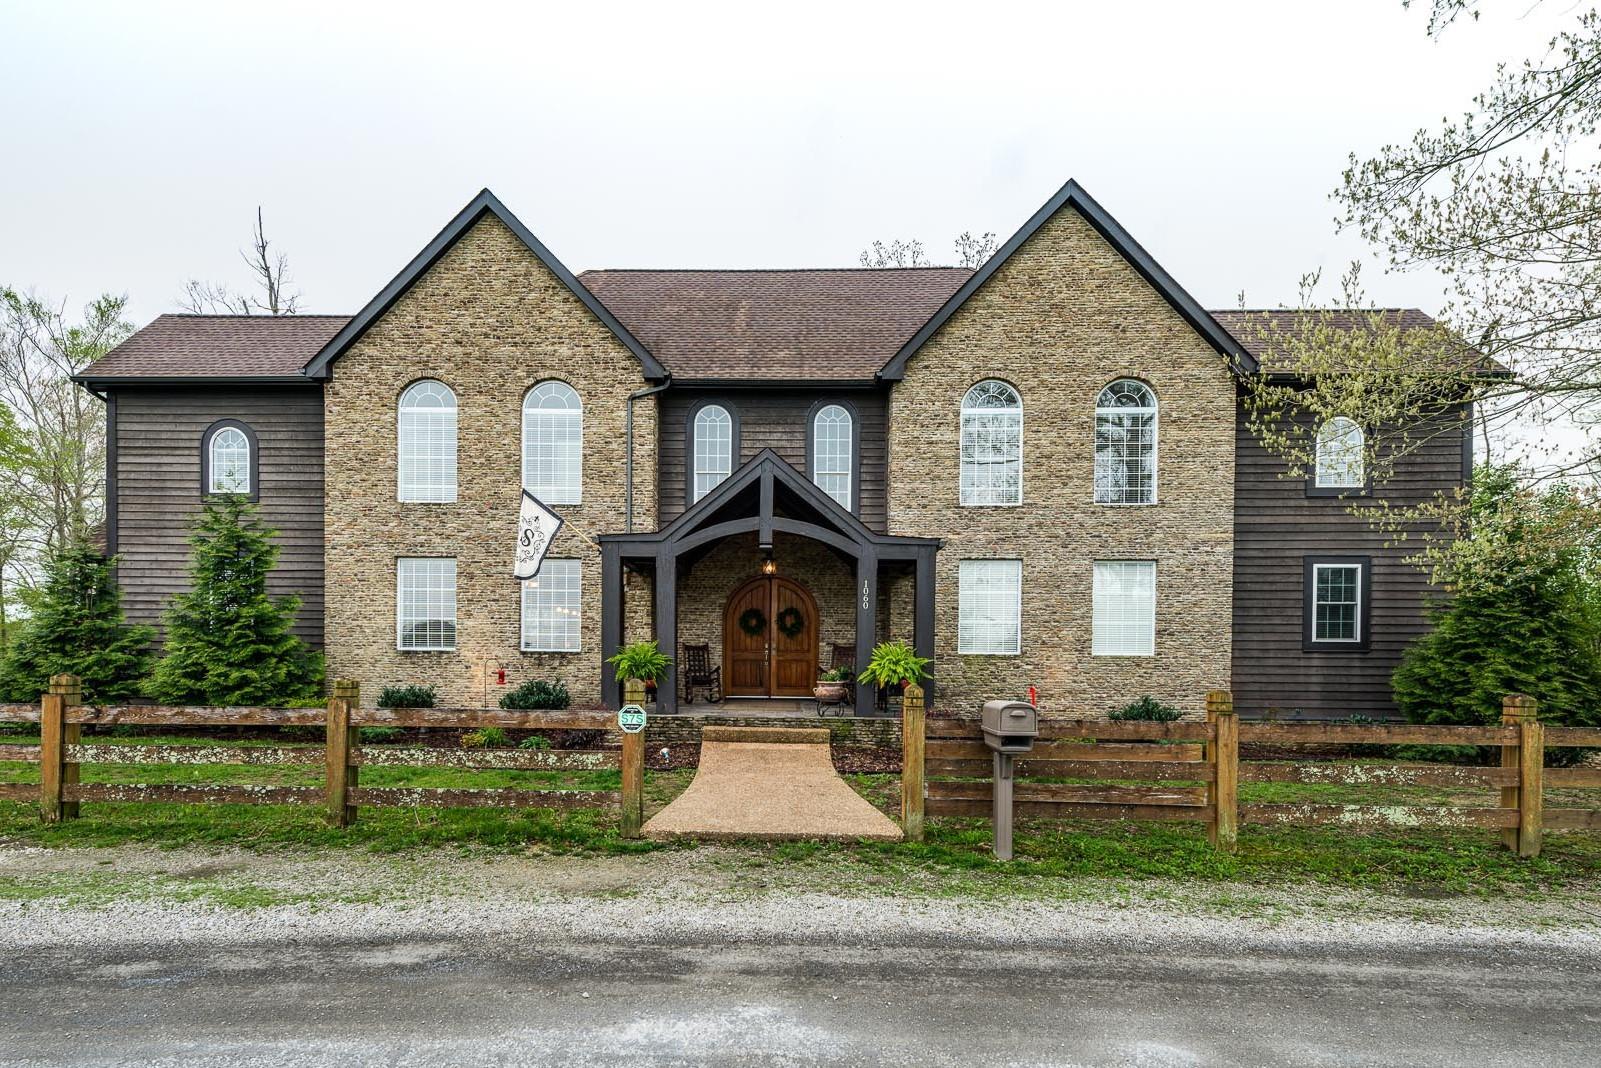 1060 Taylor Ford Rd, Monroe, TN 38573 - Monroe, TN real estate listing